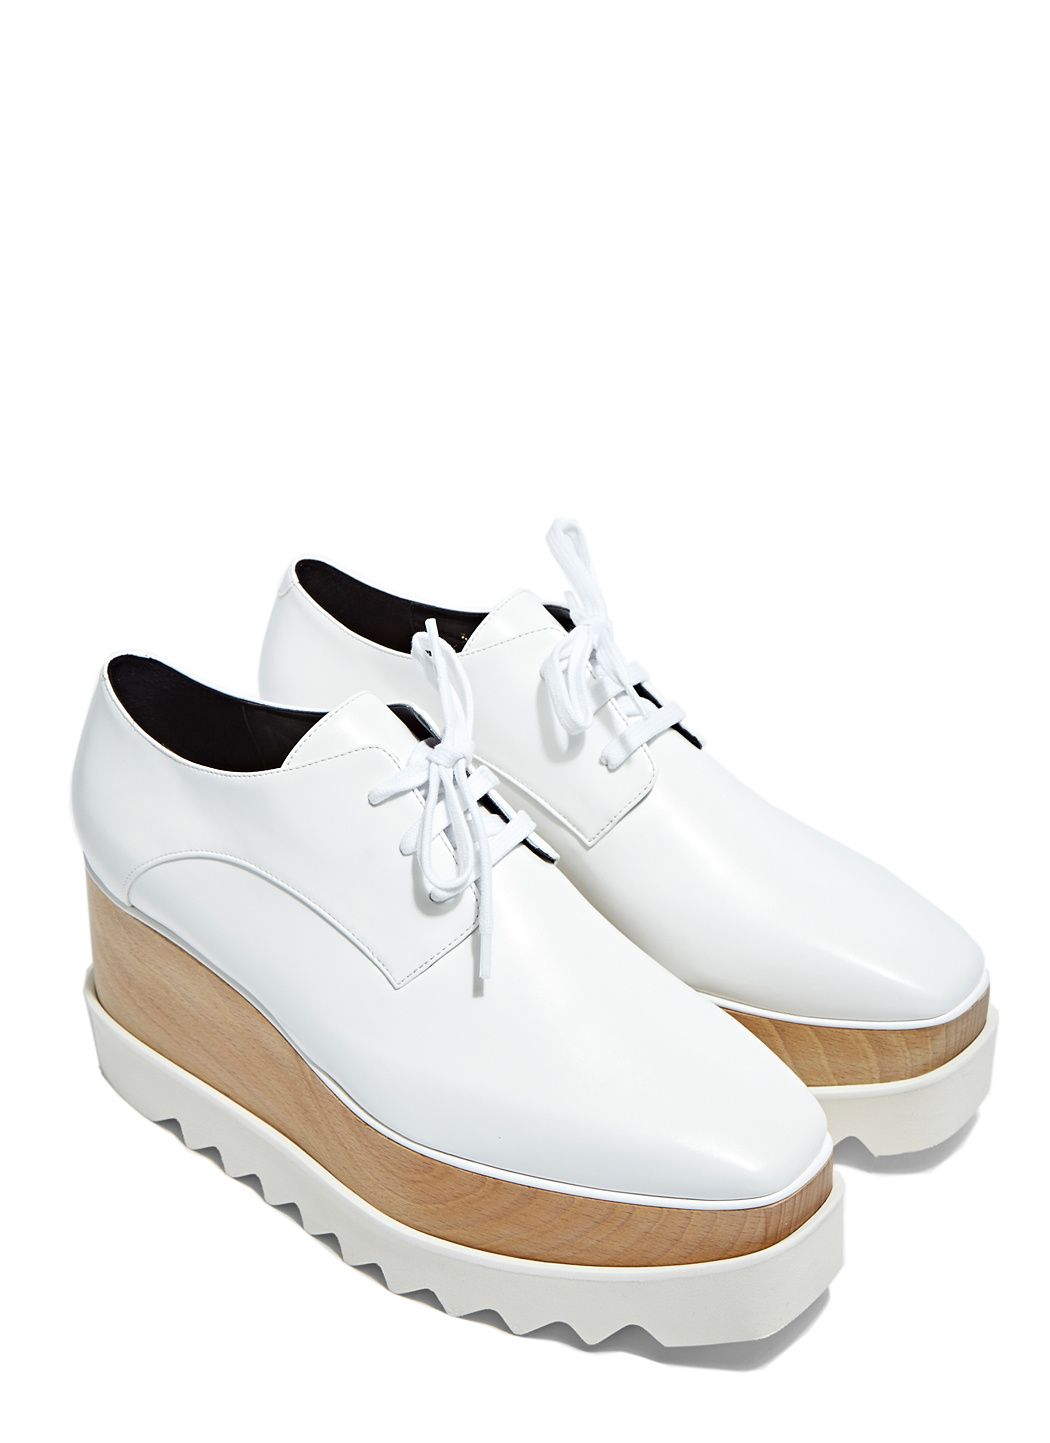 stella mccartney elyse platform shoes in white lyst